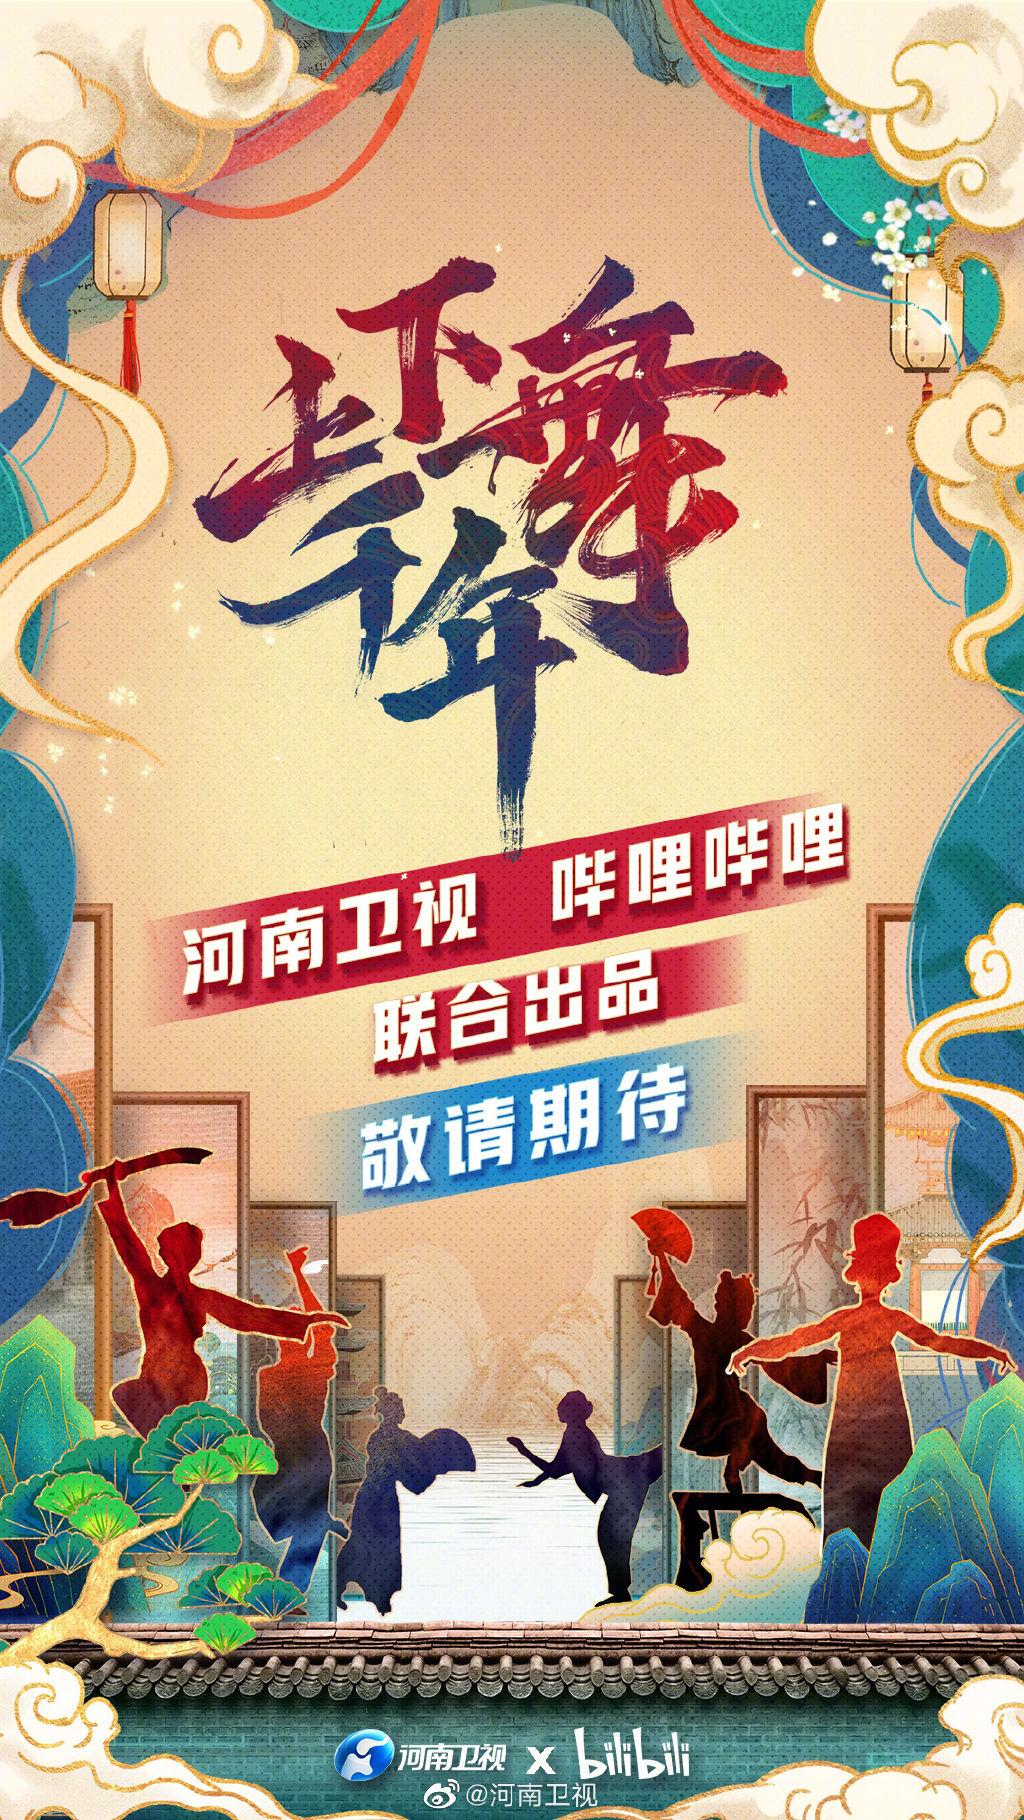 河南衛視將和B站合作舞蹈新綜藝《上下舞千年》